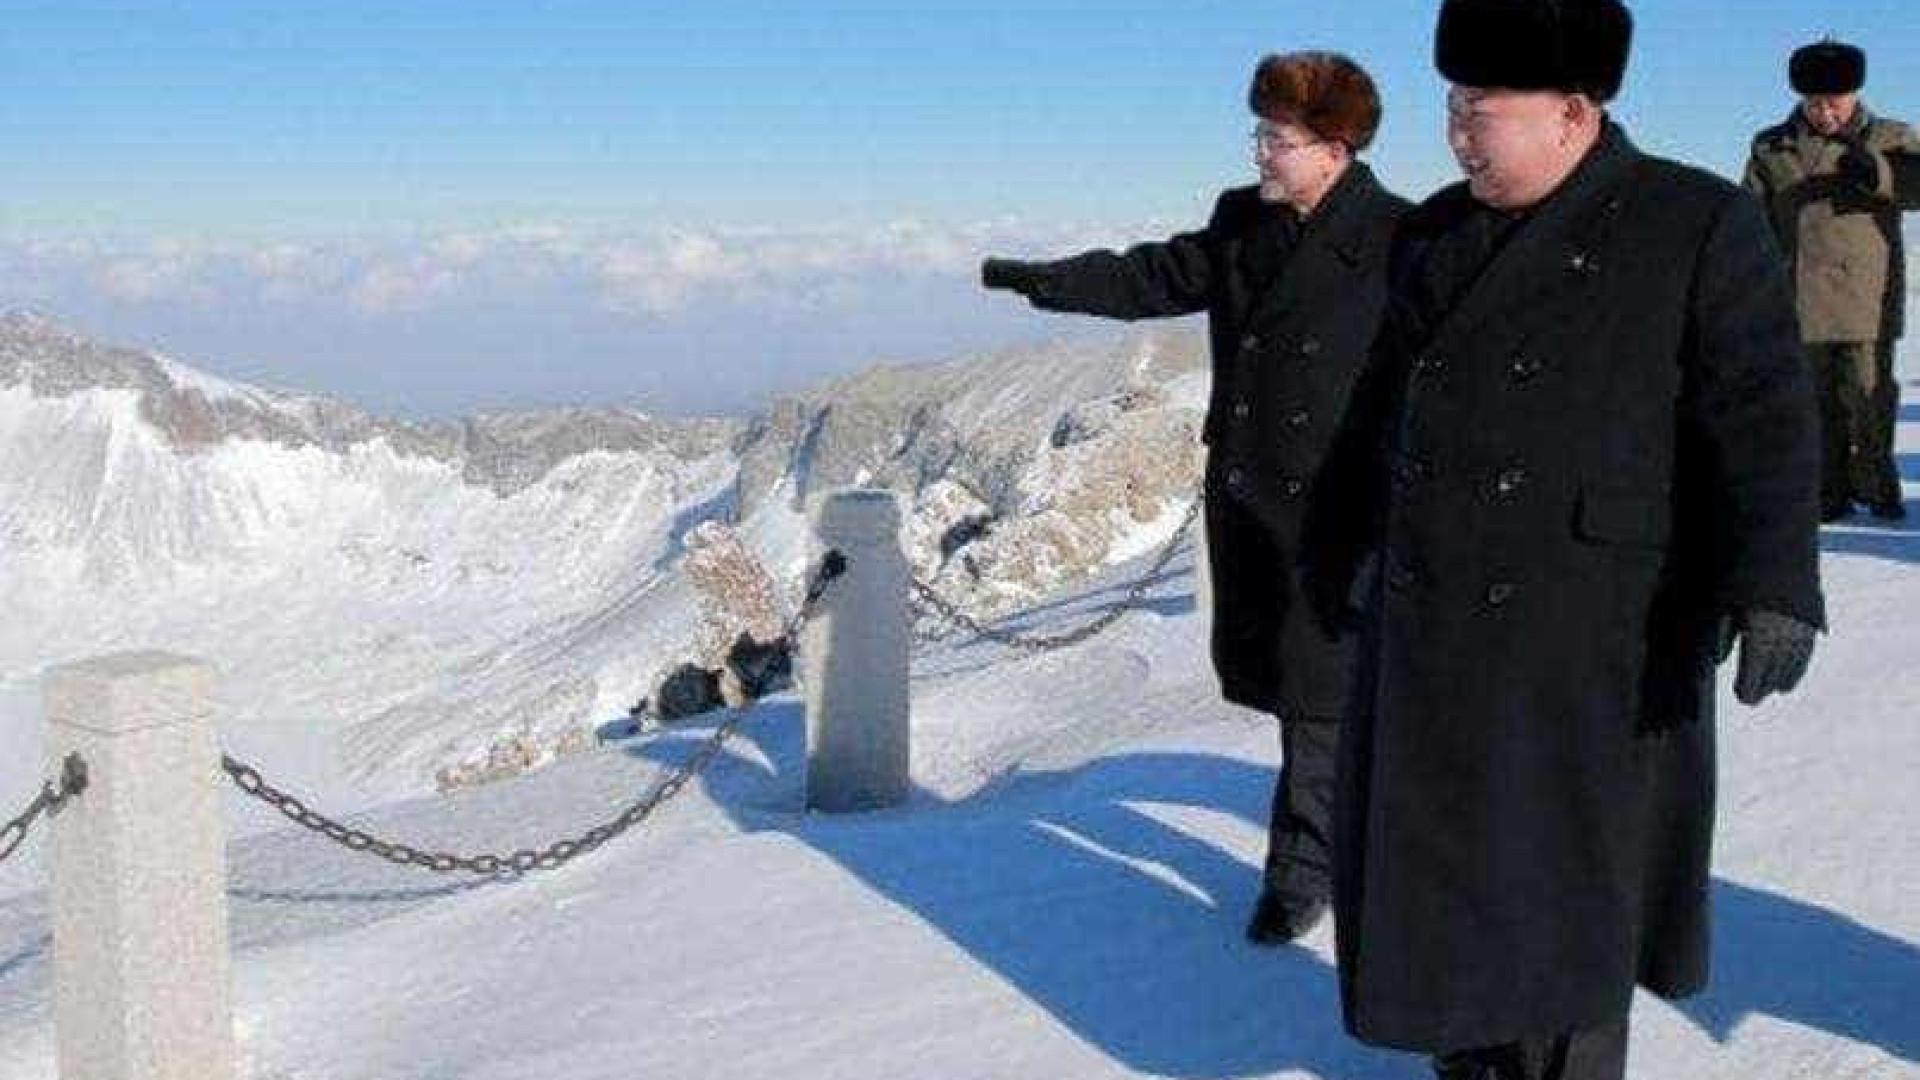 Kim Jon-un 'escalou' montanha de 2.744 metros... de sobretudo